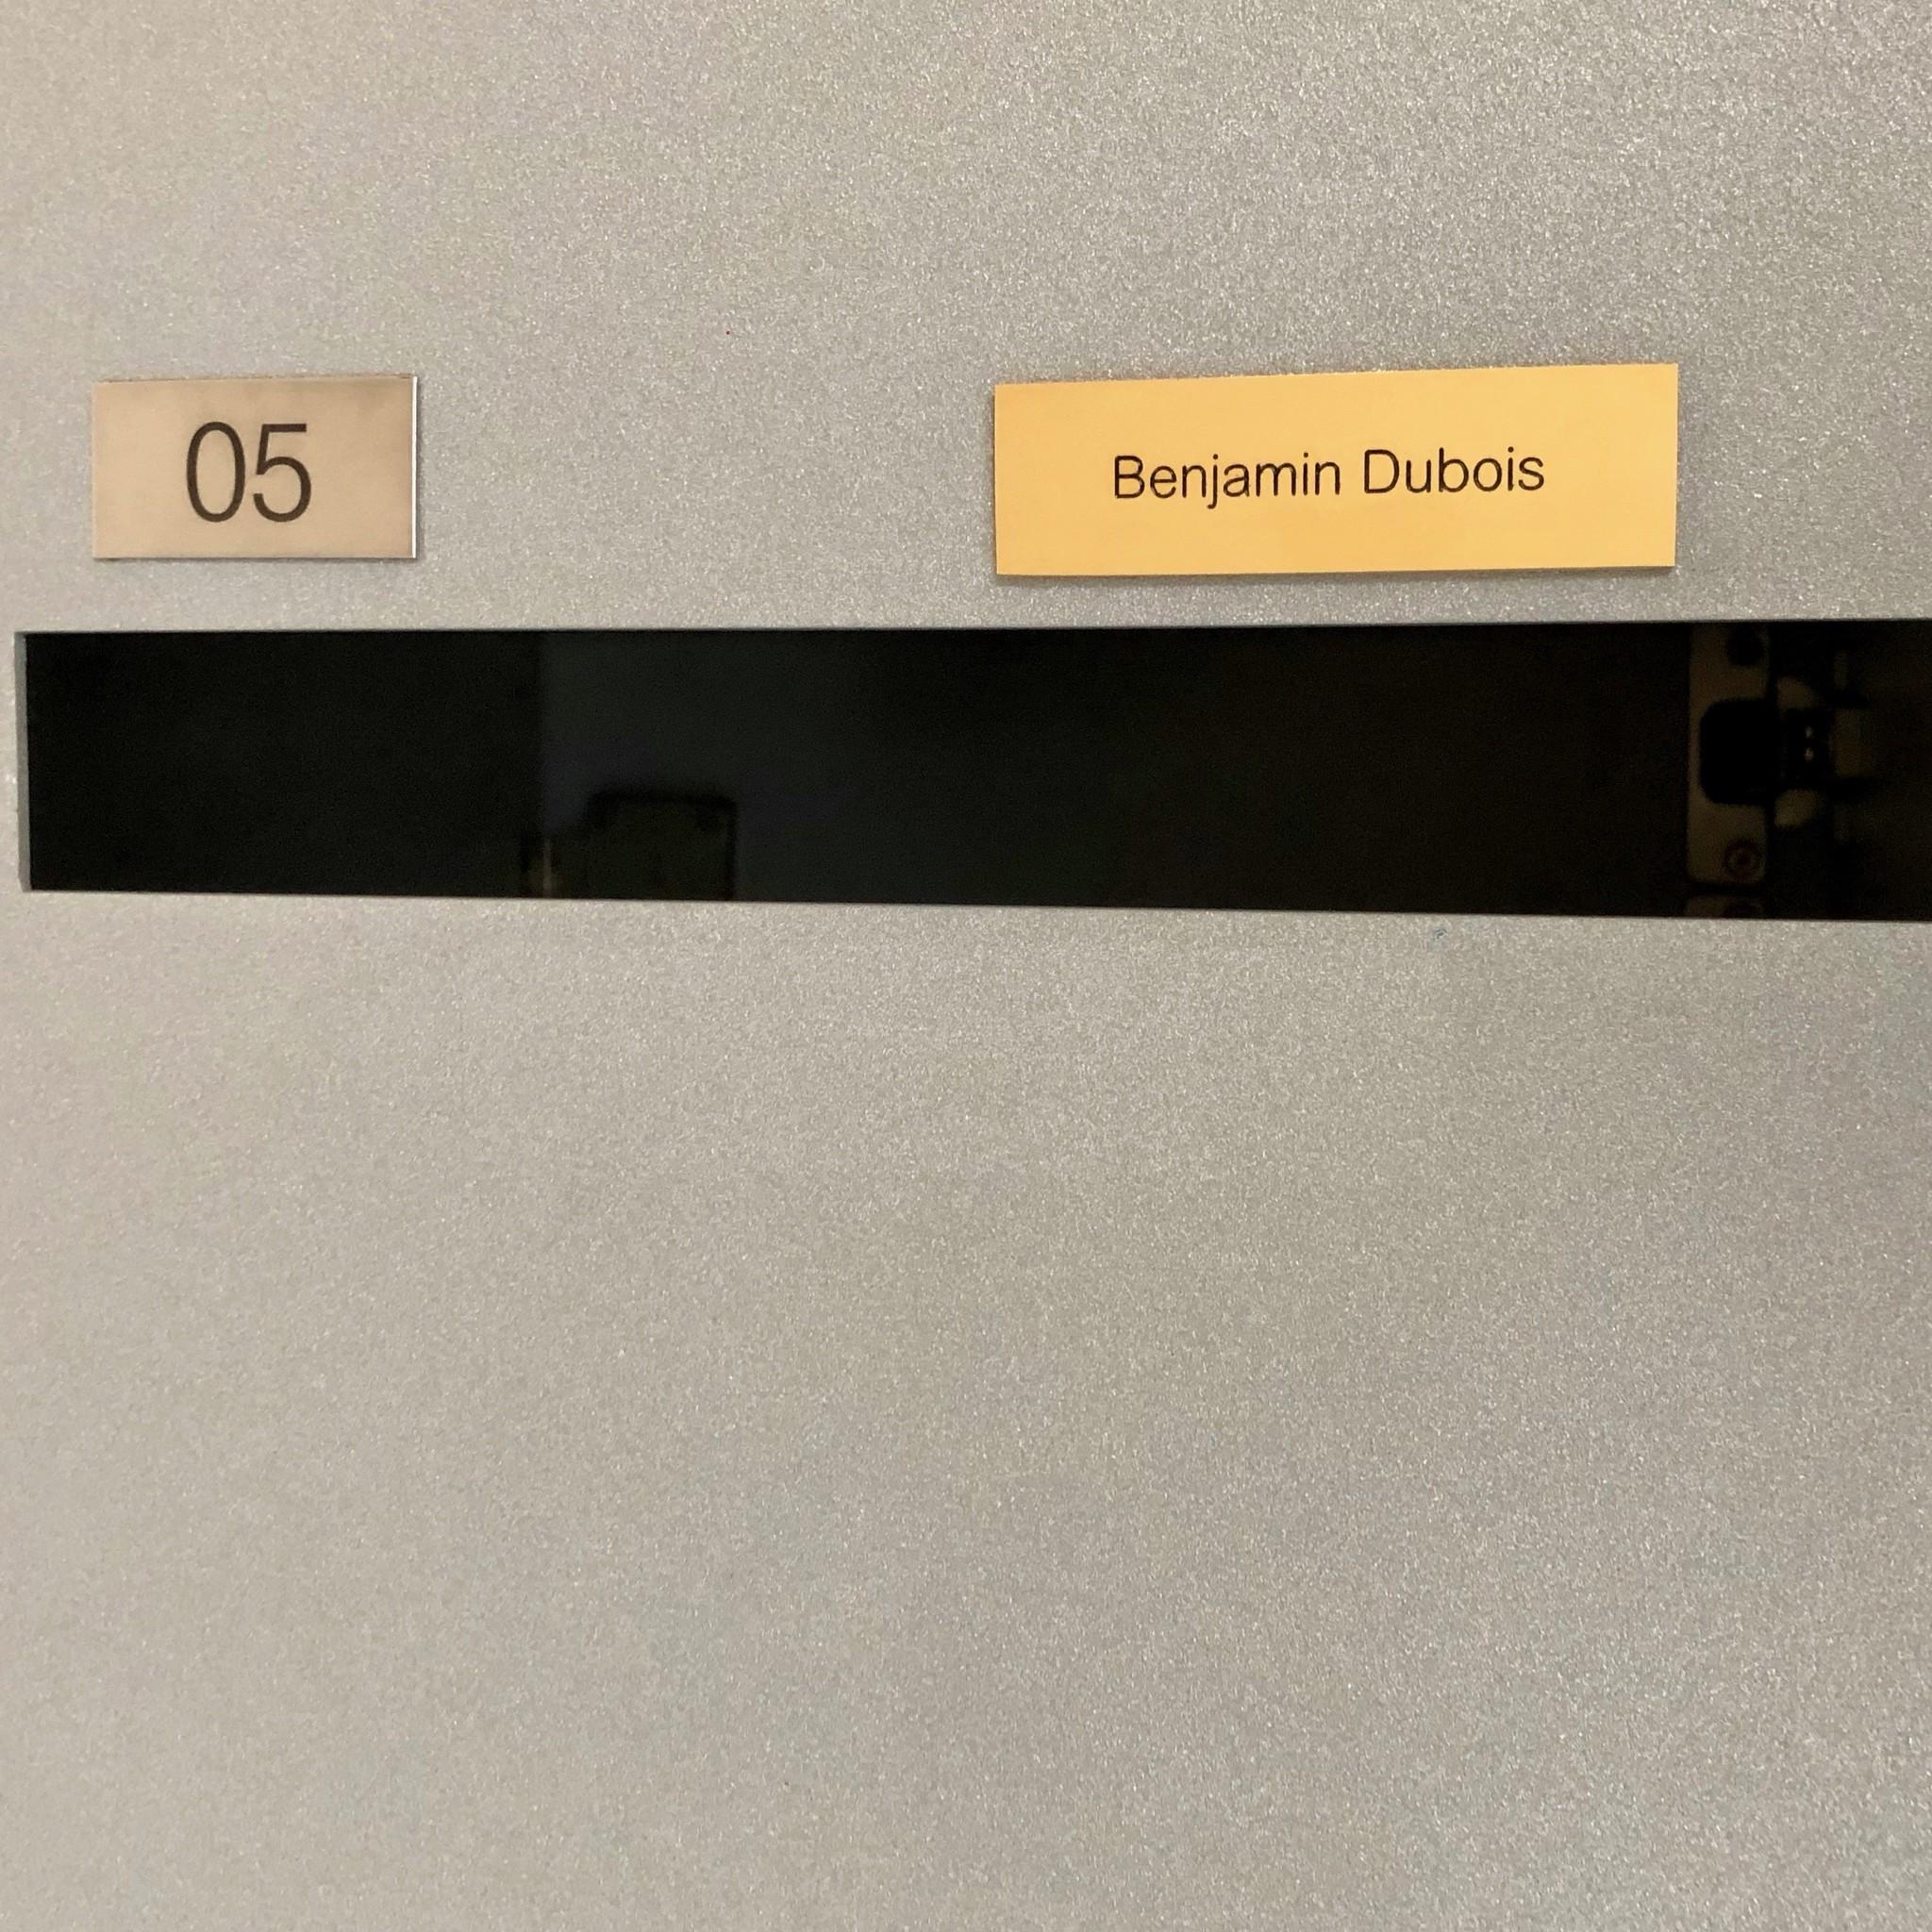 Naamplaatje in messing voor brievenbus, bel of lift